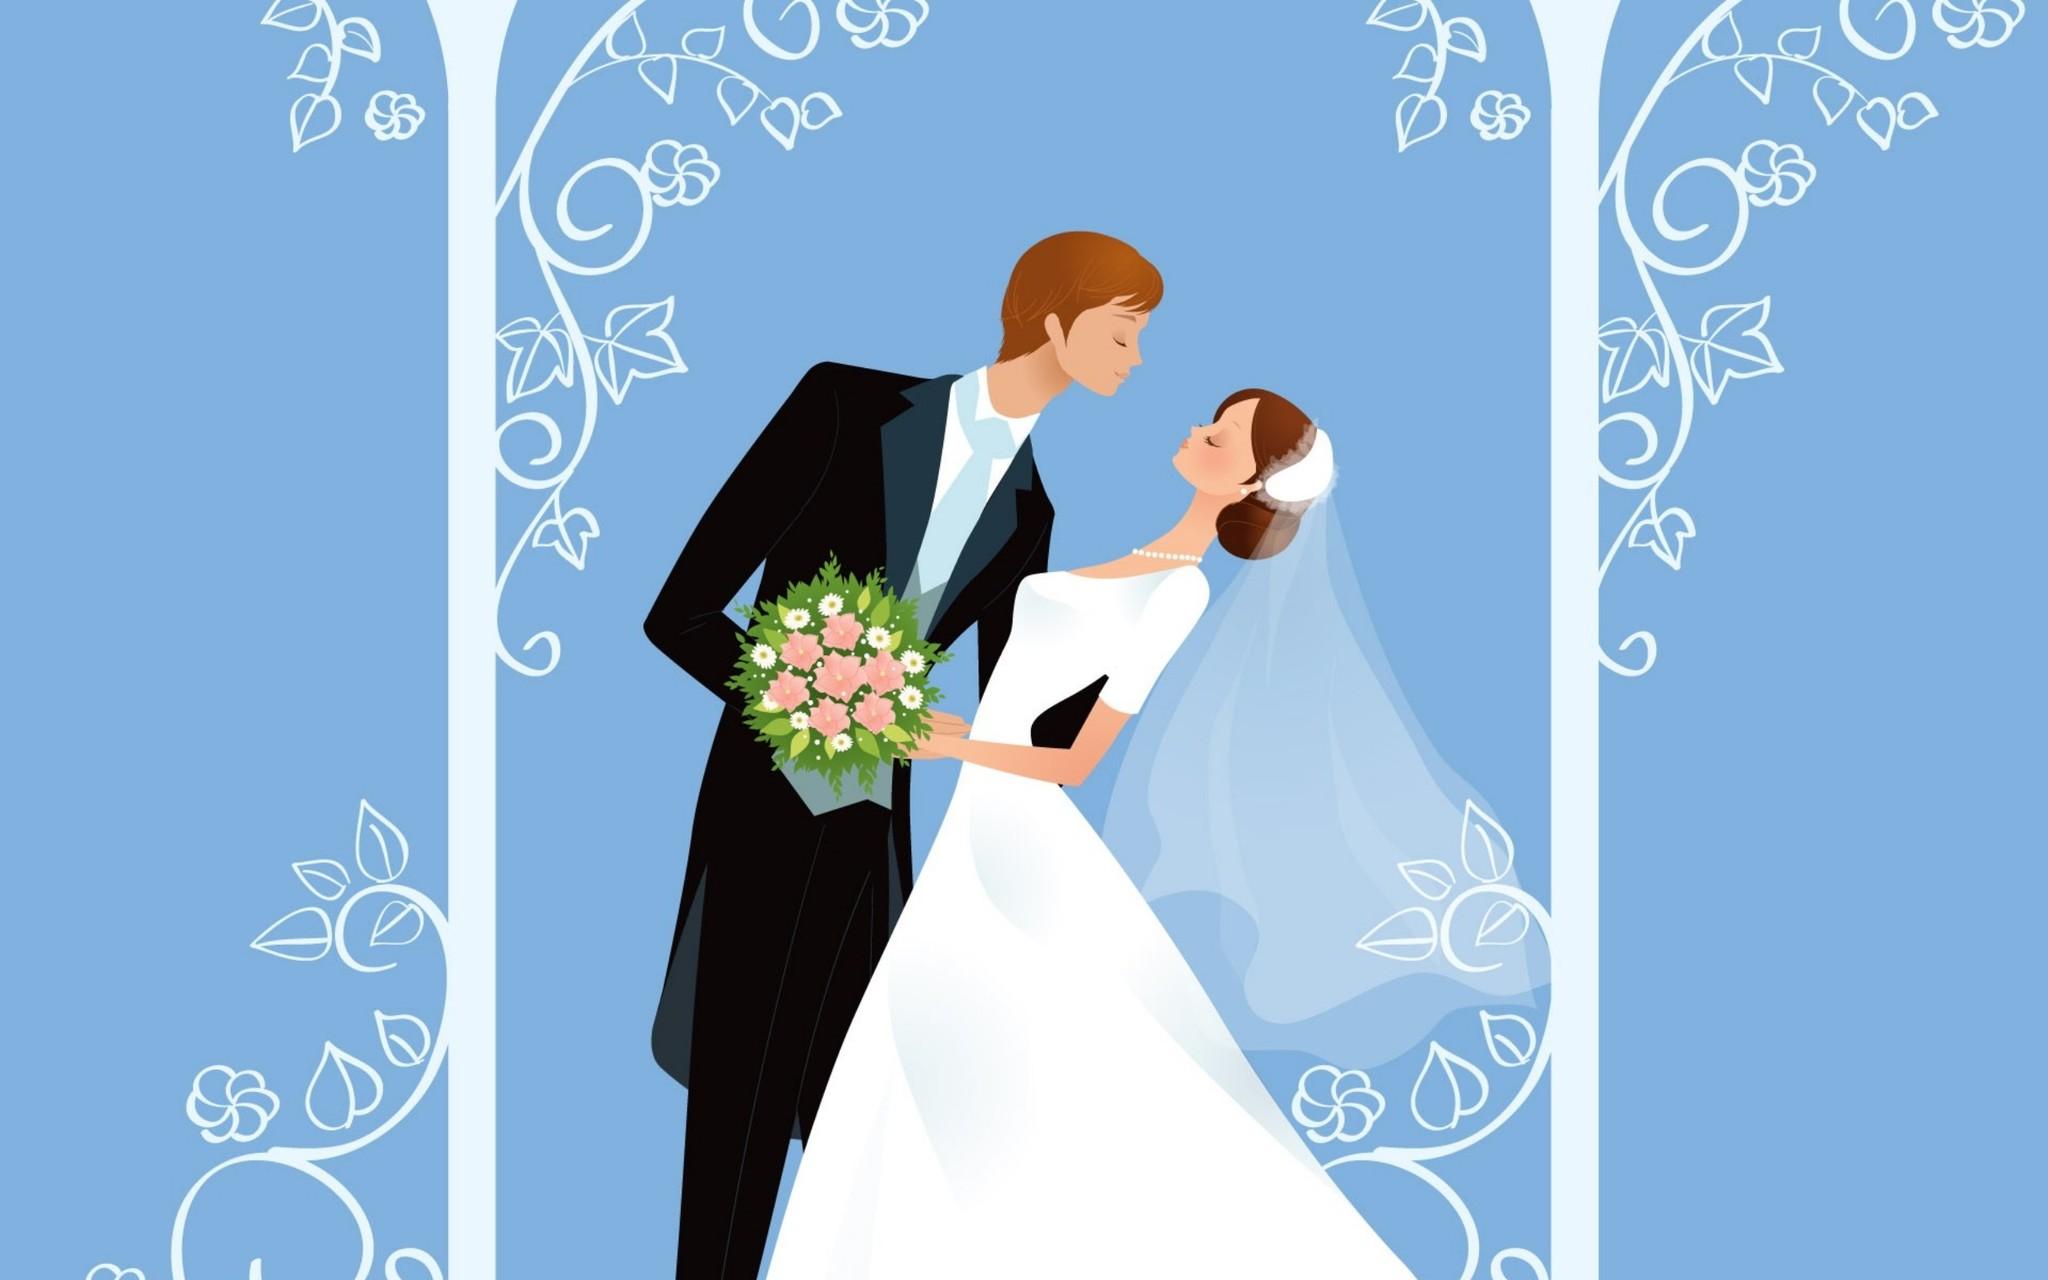 Открытки в день свадьбы жениху и невесте, картинки картинки футболе